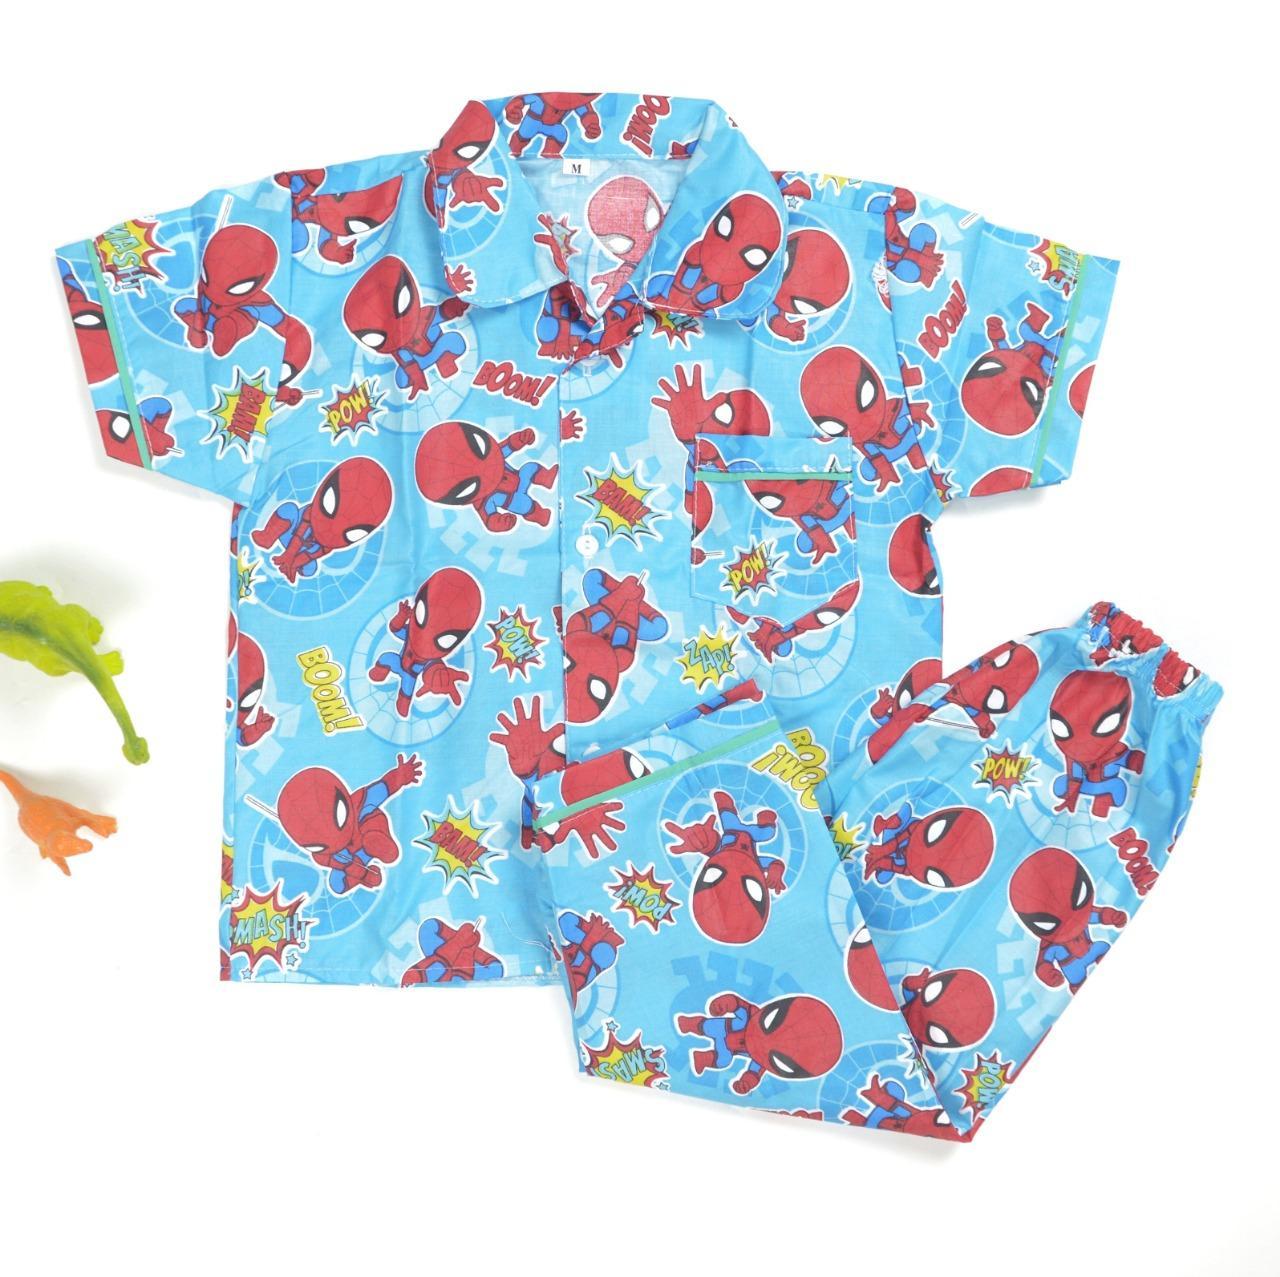 Setelan Baju Tidur / Piyama Anak Kids (6bulan-4tahun) Just Choose Color. By Zivanka